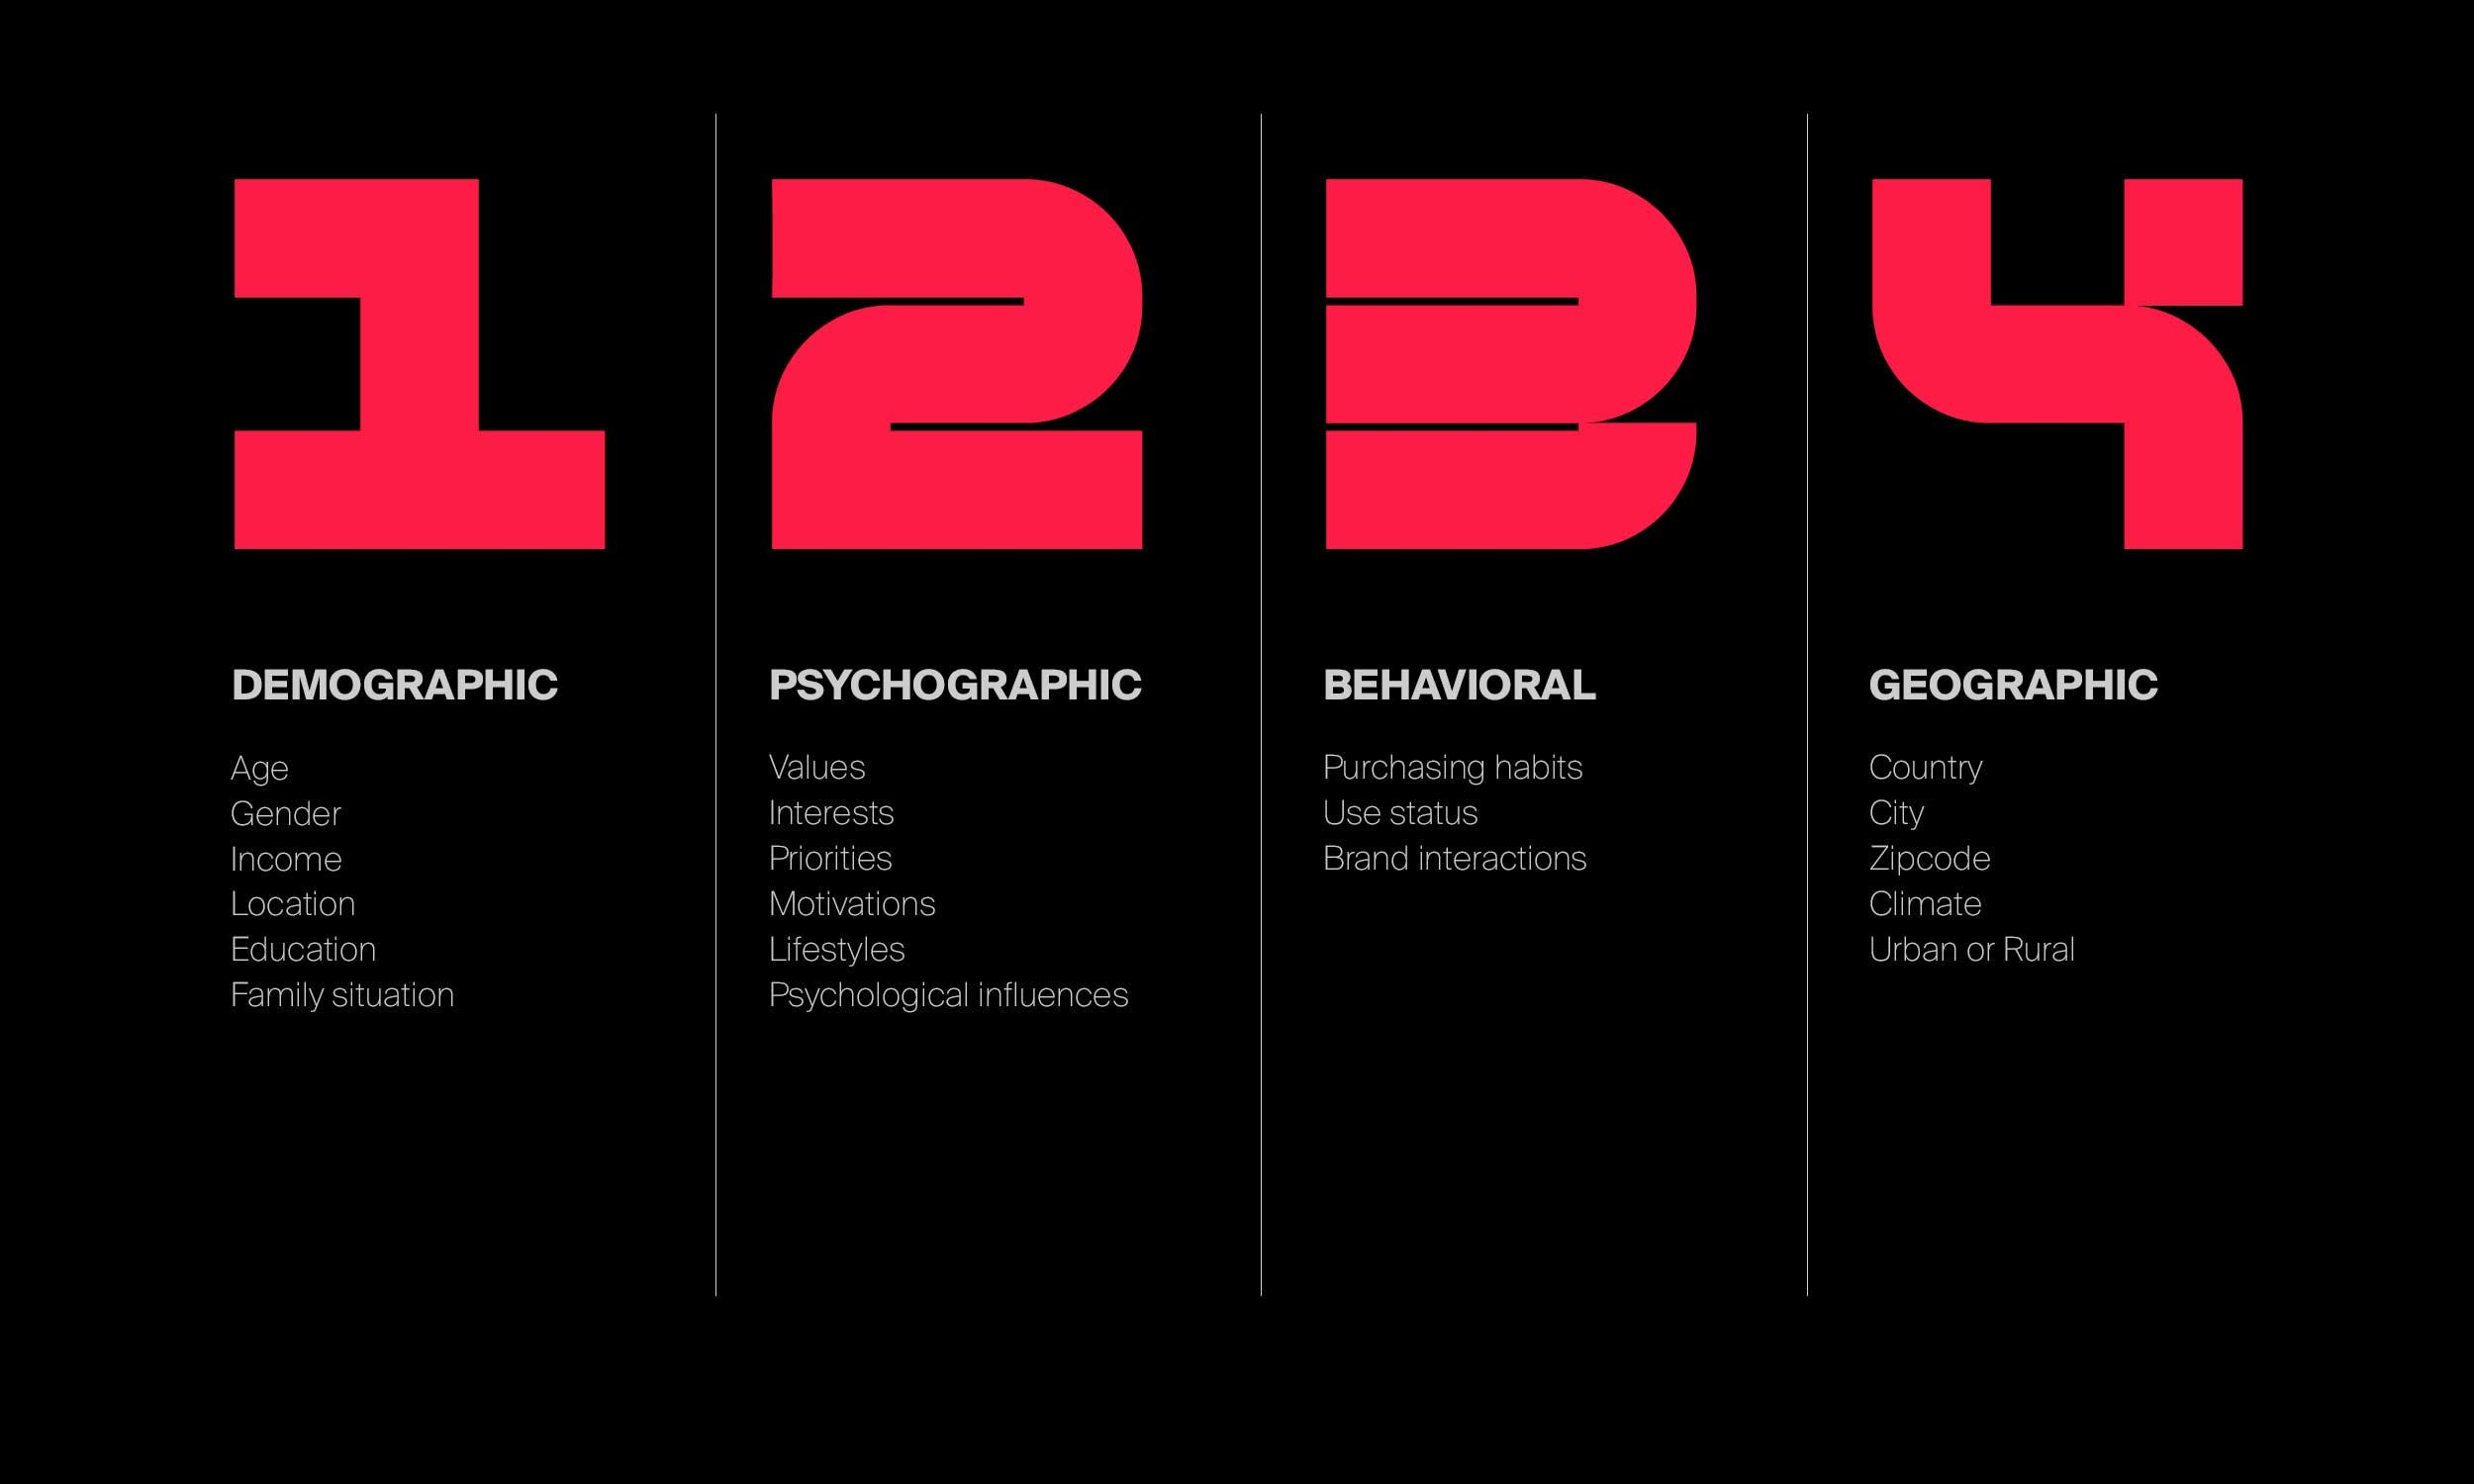 The four types of market segmentation